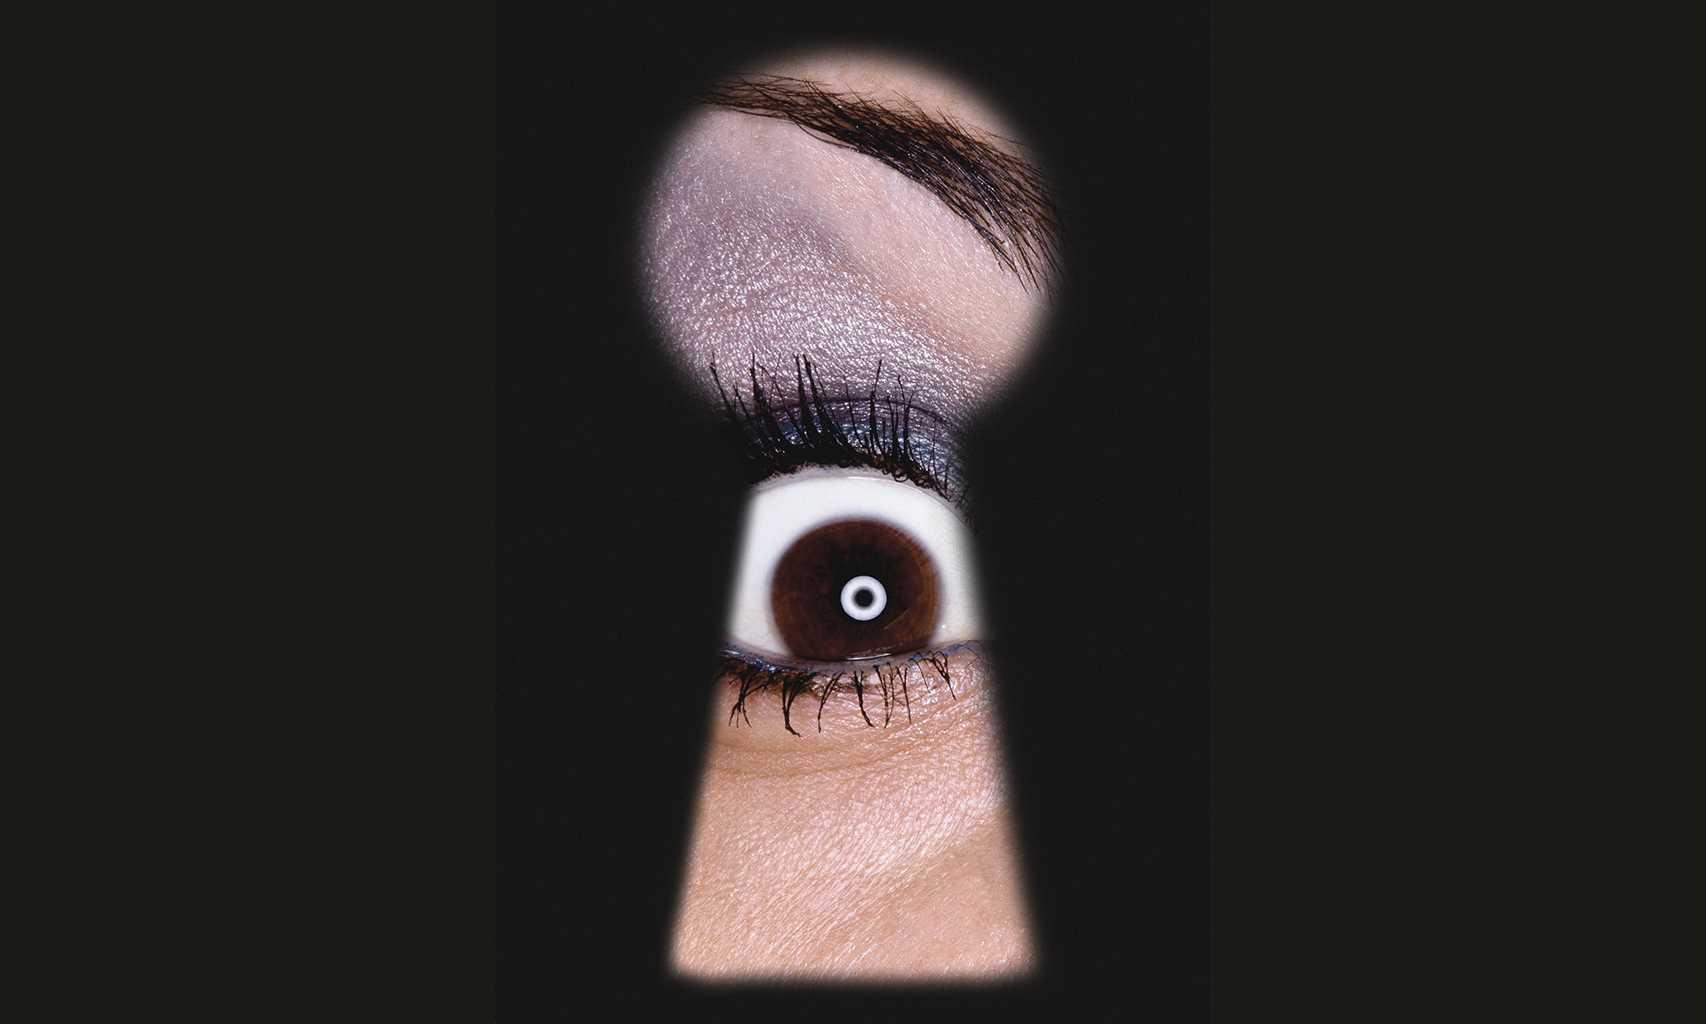 بالصور حرف ع بالمنام , تعرف على تفسير حرف العين في المنام 11946